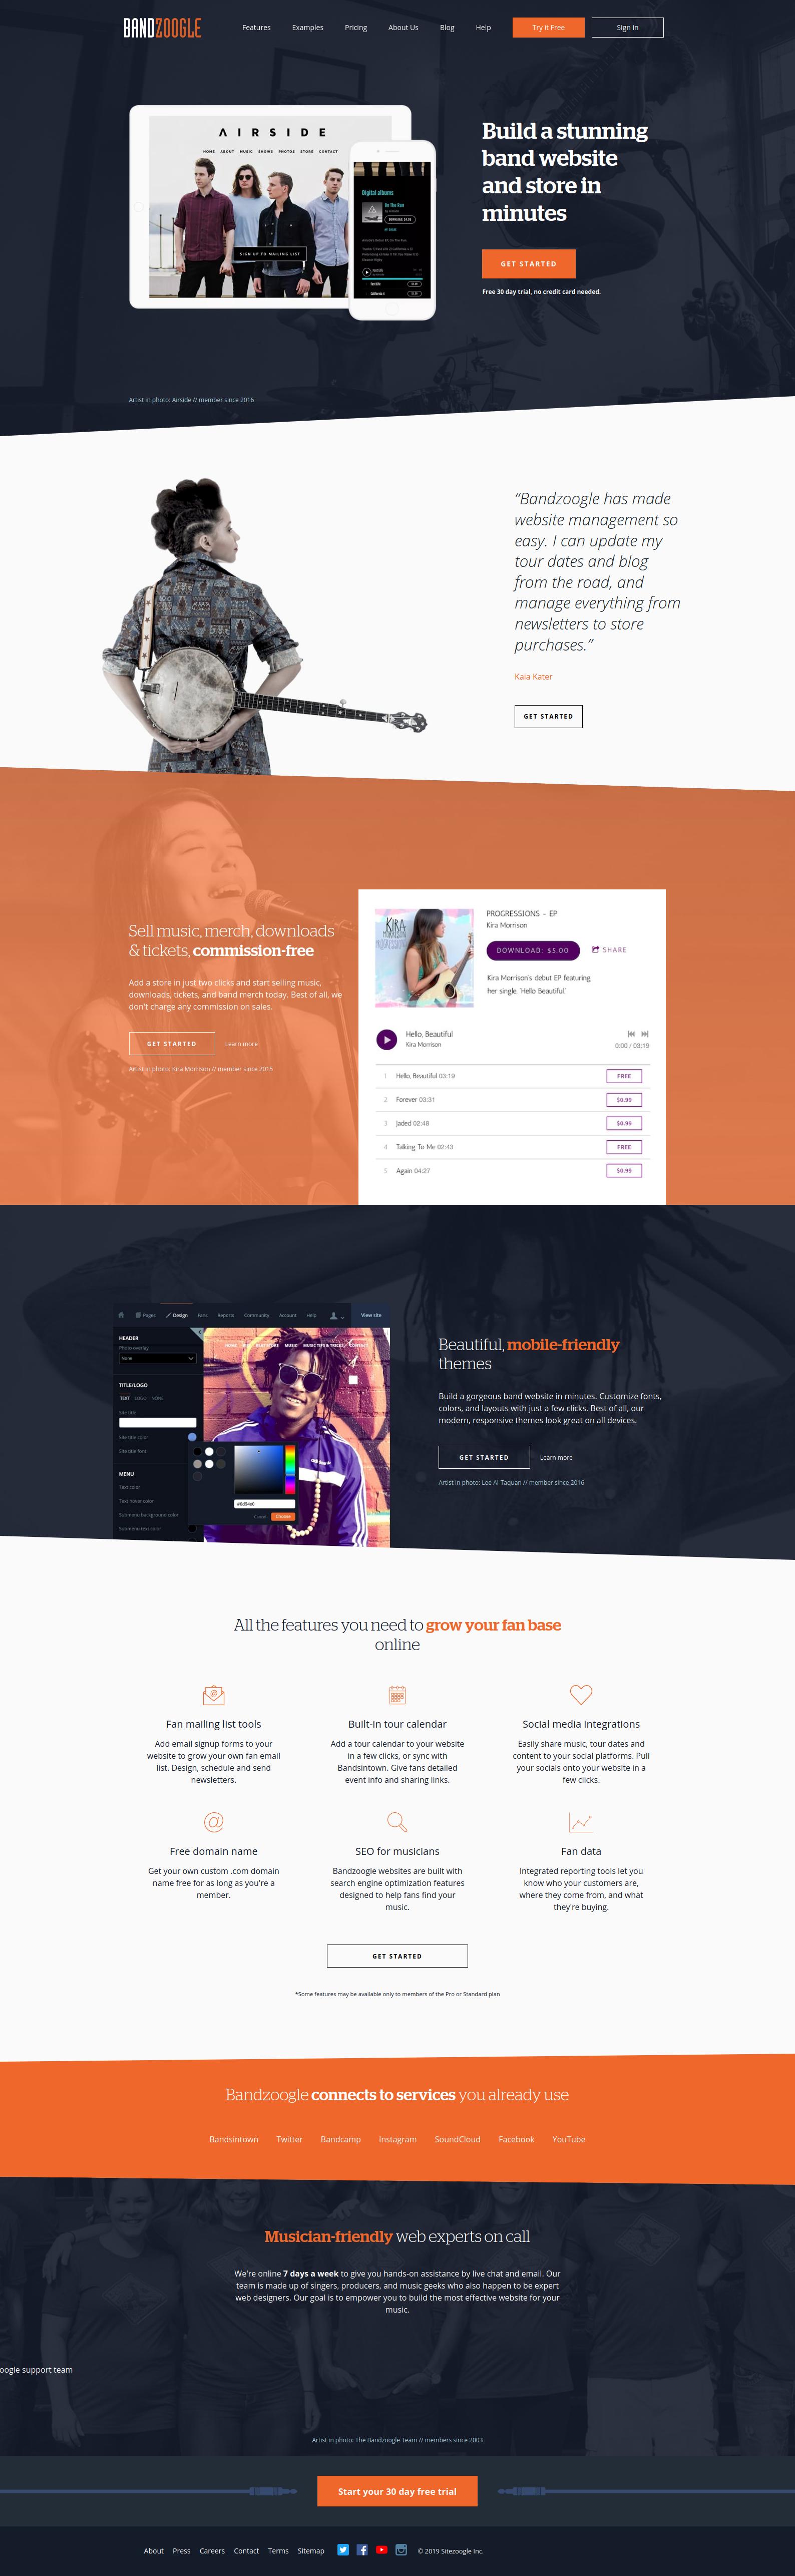 Bandzoogle Homepage